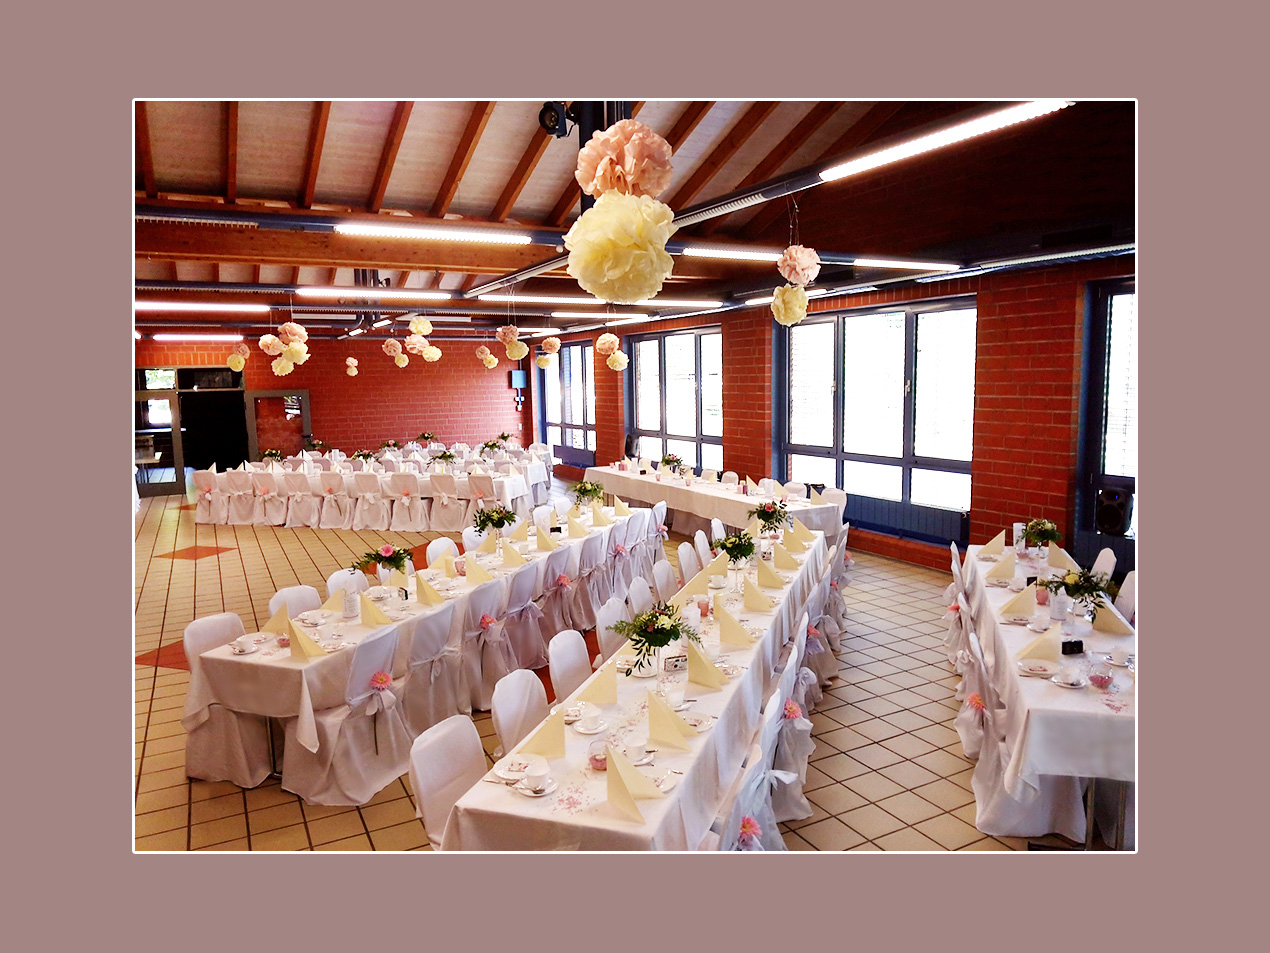 Stuhlhussen für Hochzeit - Hochzeitslocation Sinngrundhalle Burgsinn - Umgebung Hanau, Aschaffenburg